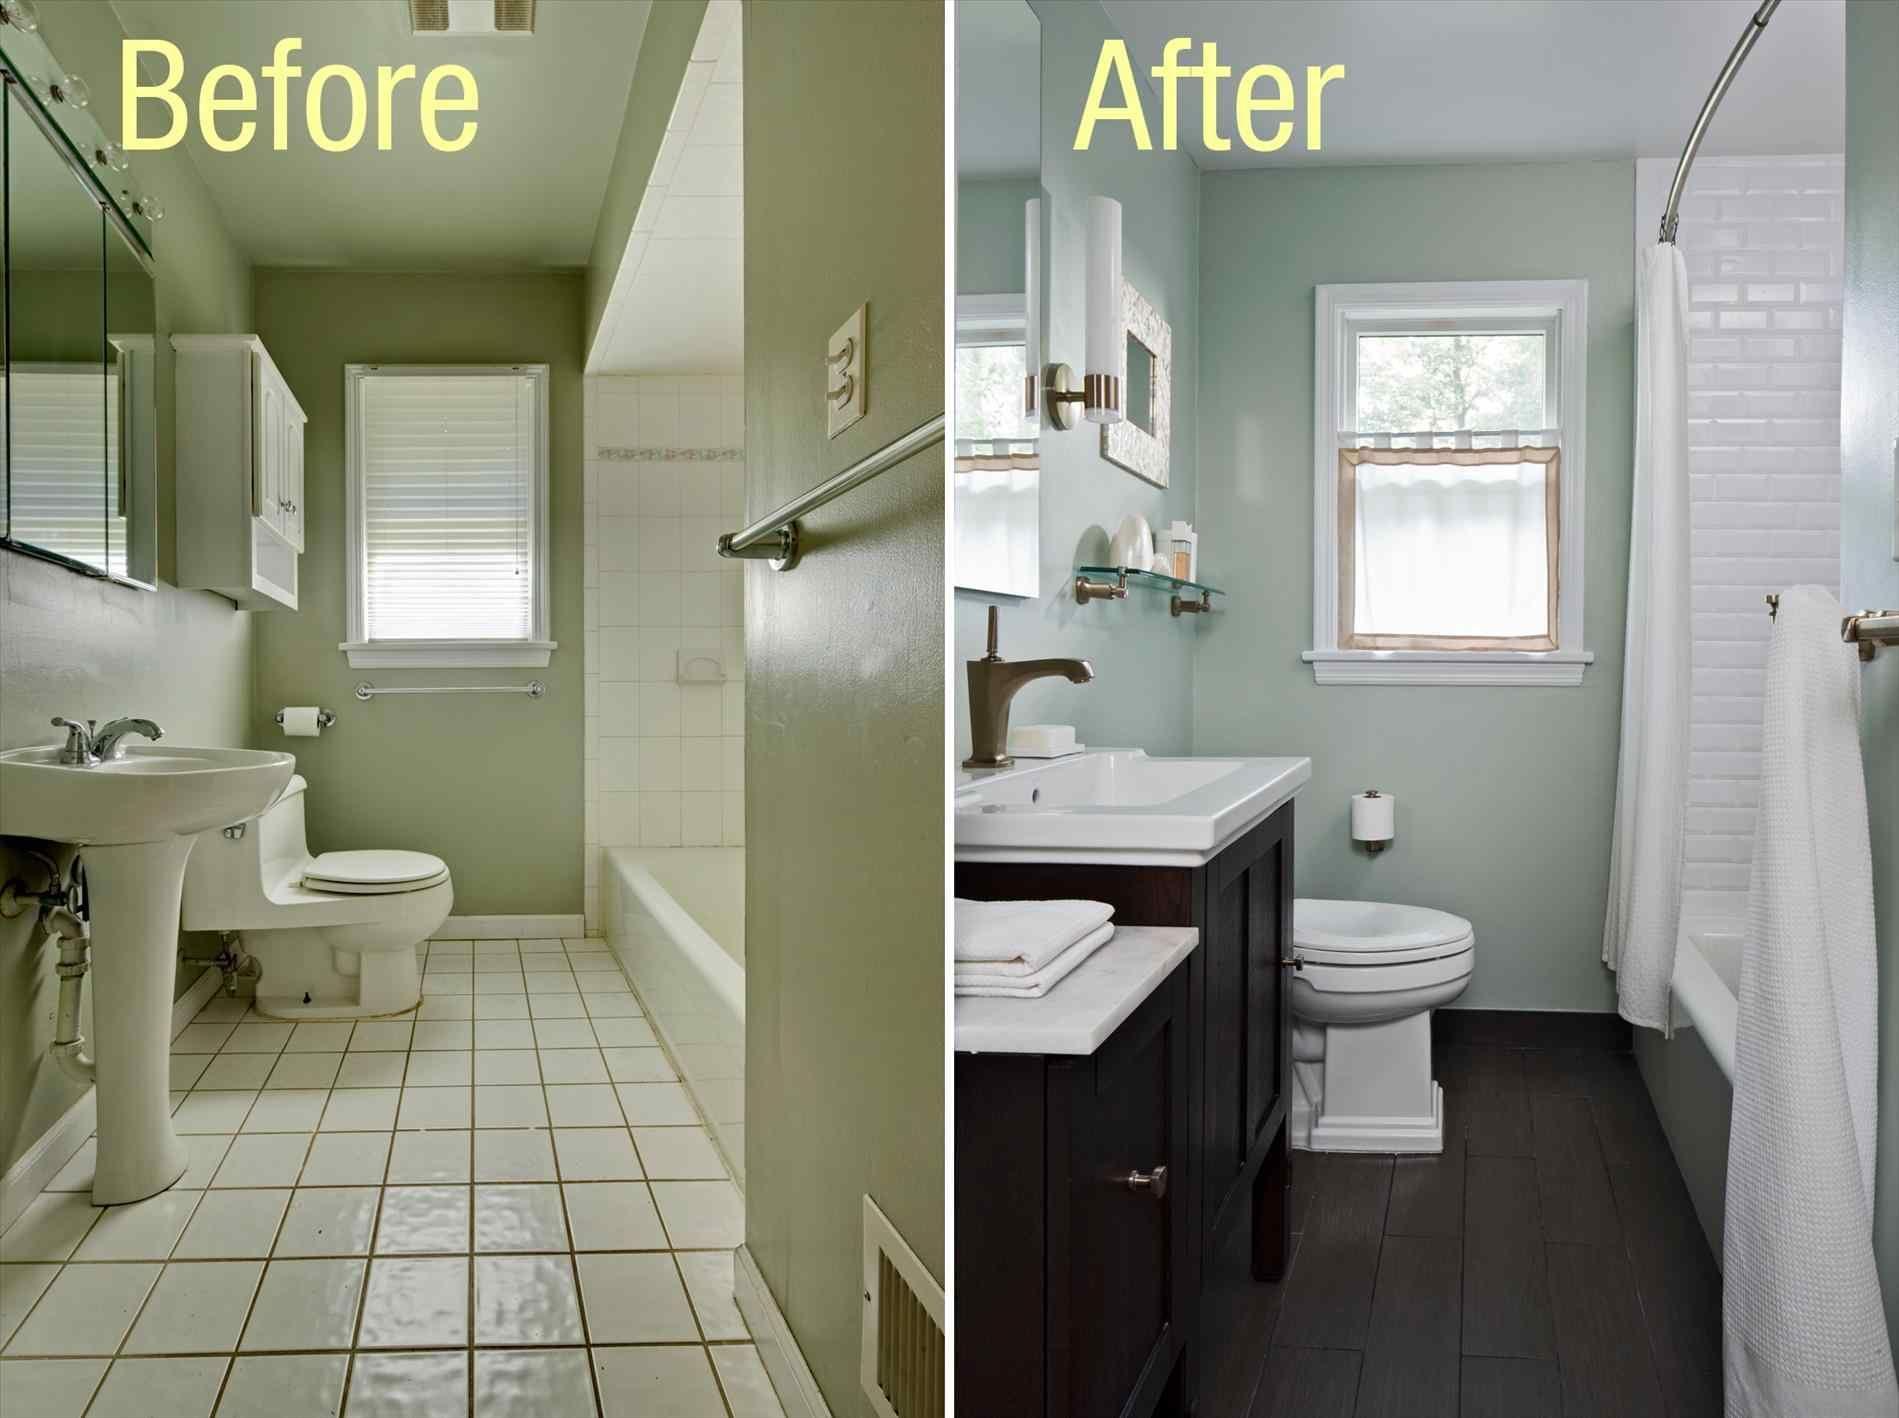 Badezimmer Renovierungsideen Vor Und Nach Badezimmer Ohne Fenster Kleine Badezimmer Design Moderne Kleine Badezimmer